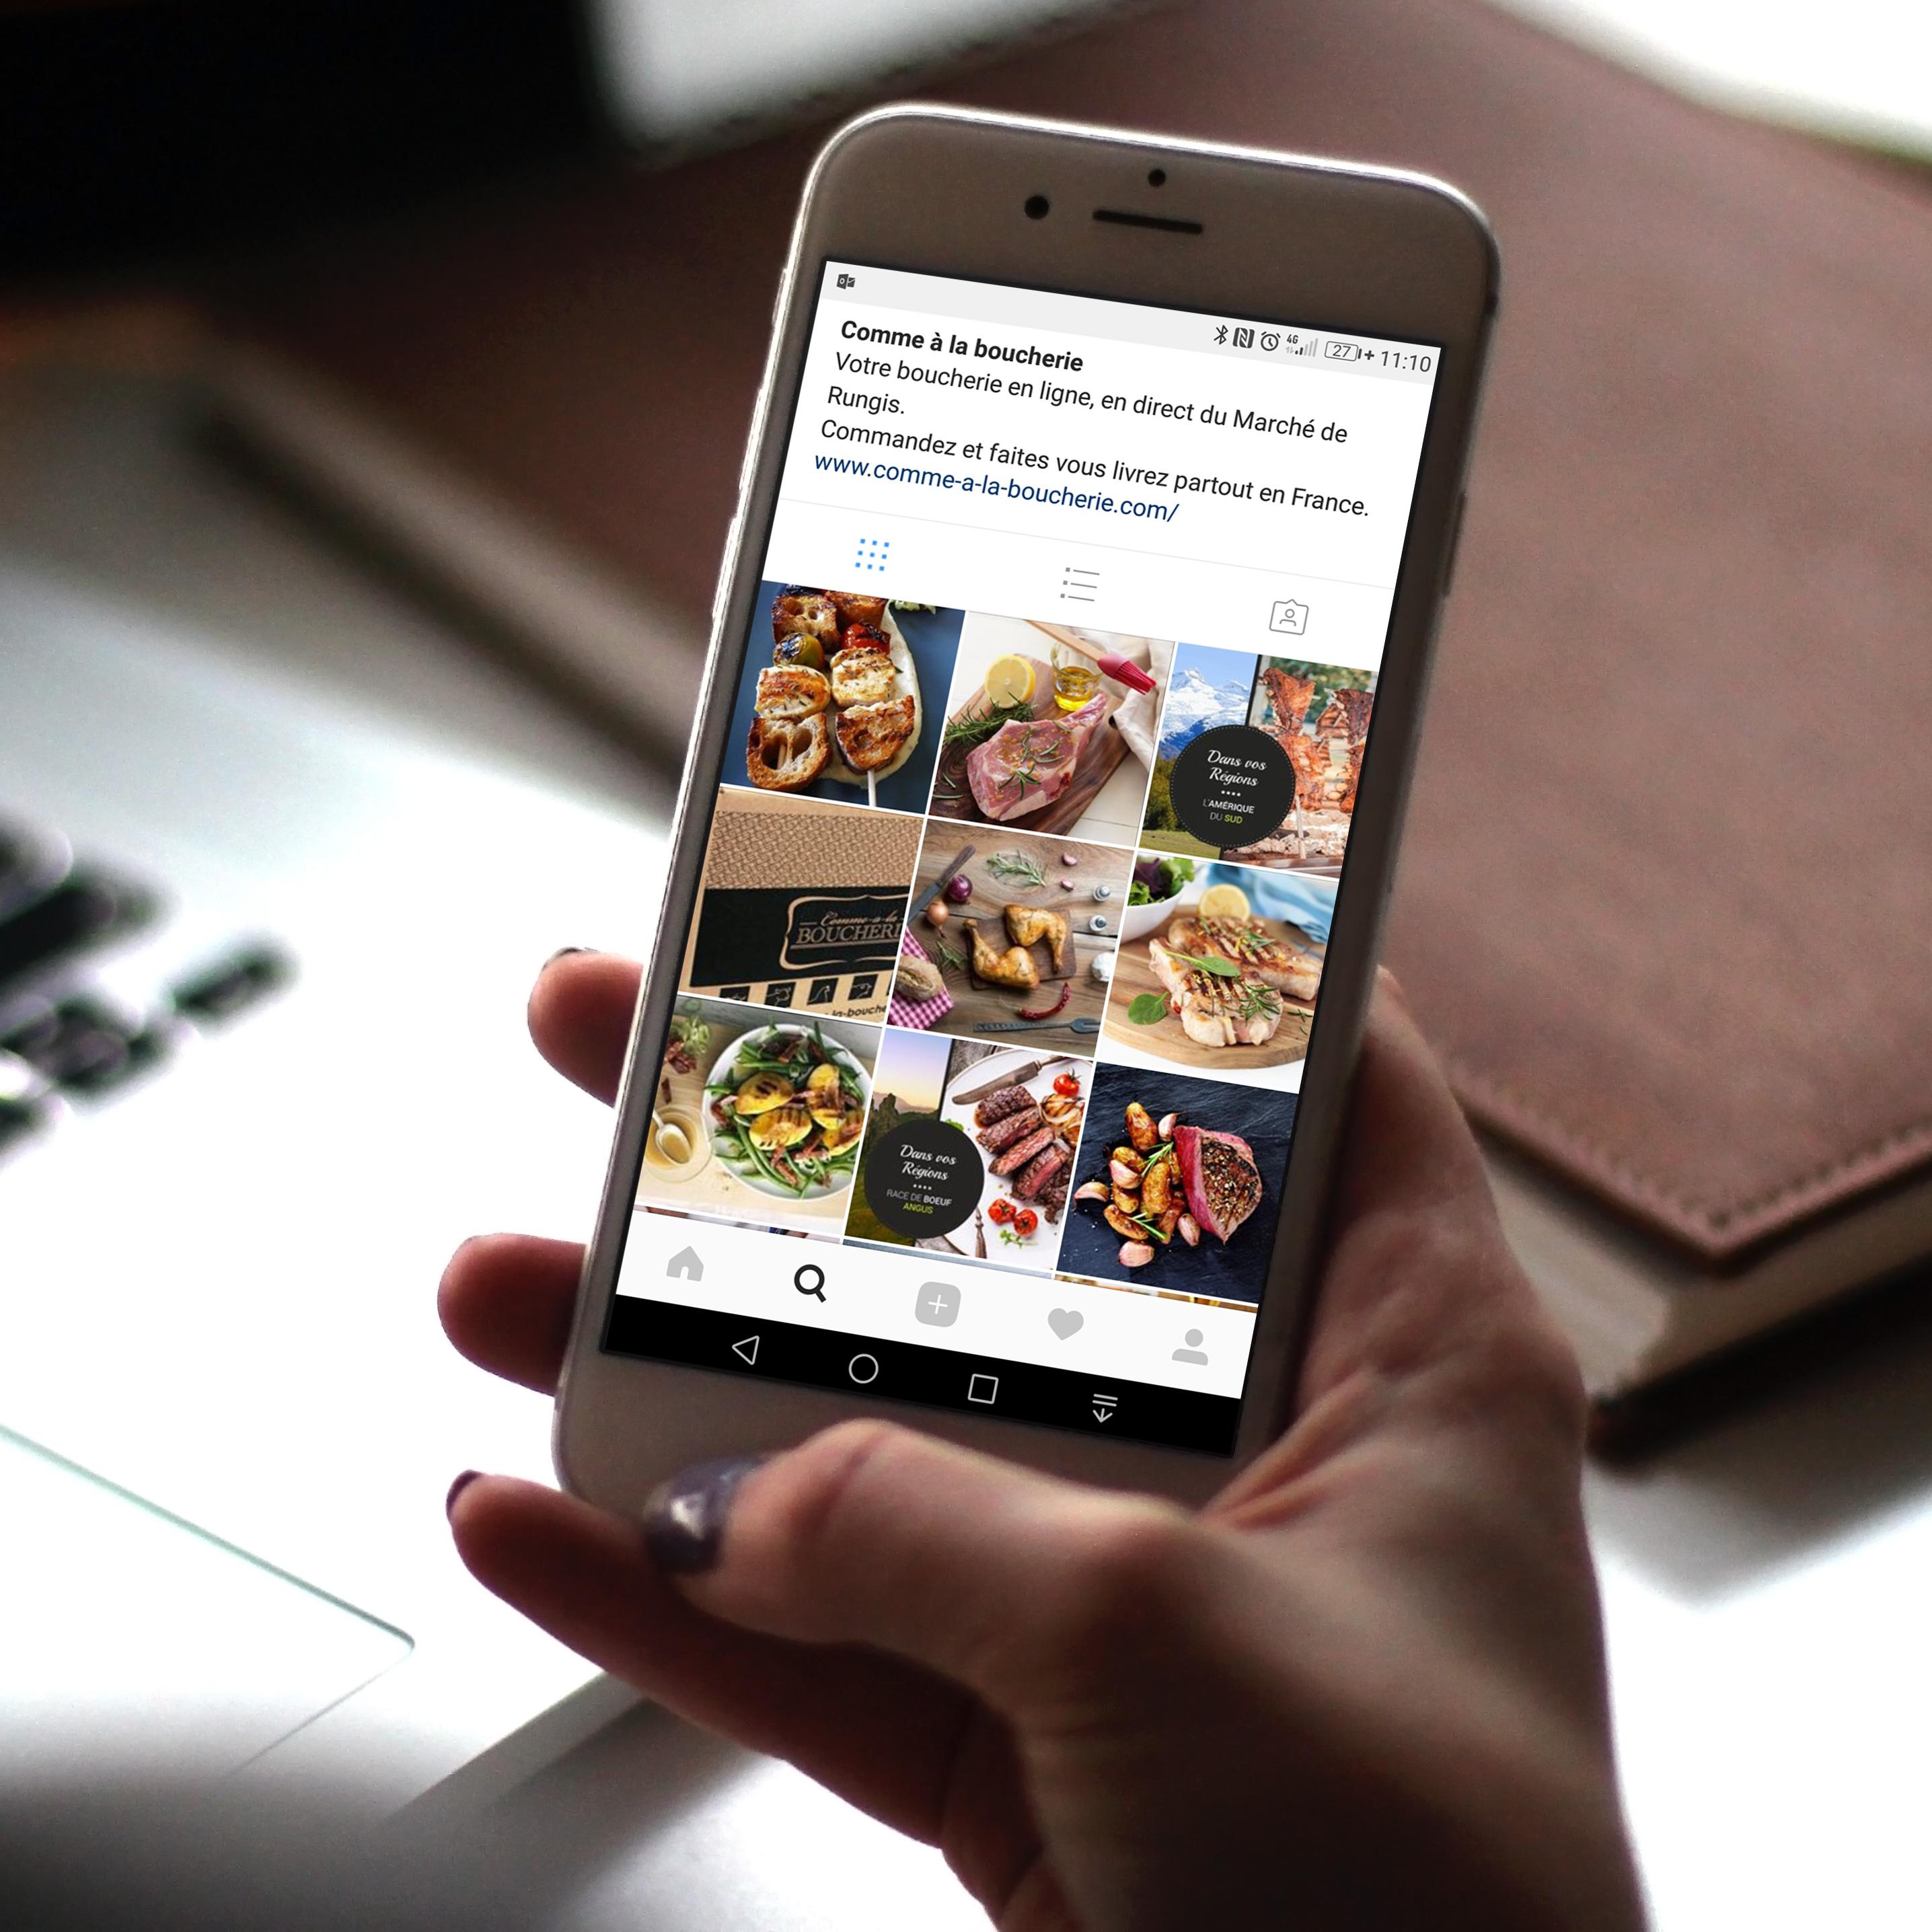 Création et gestion de contenu Instagram